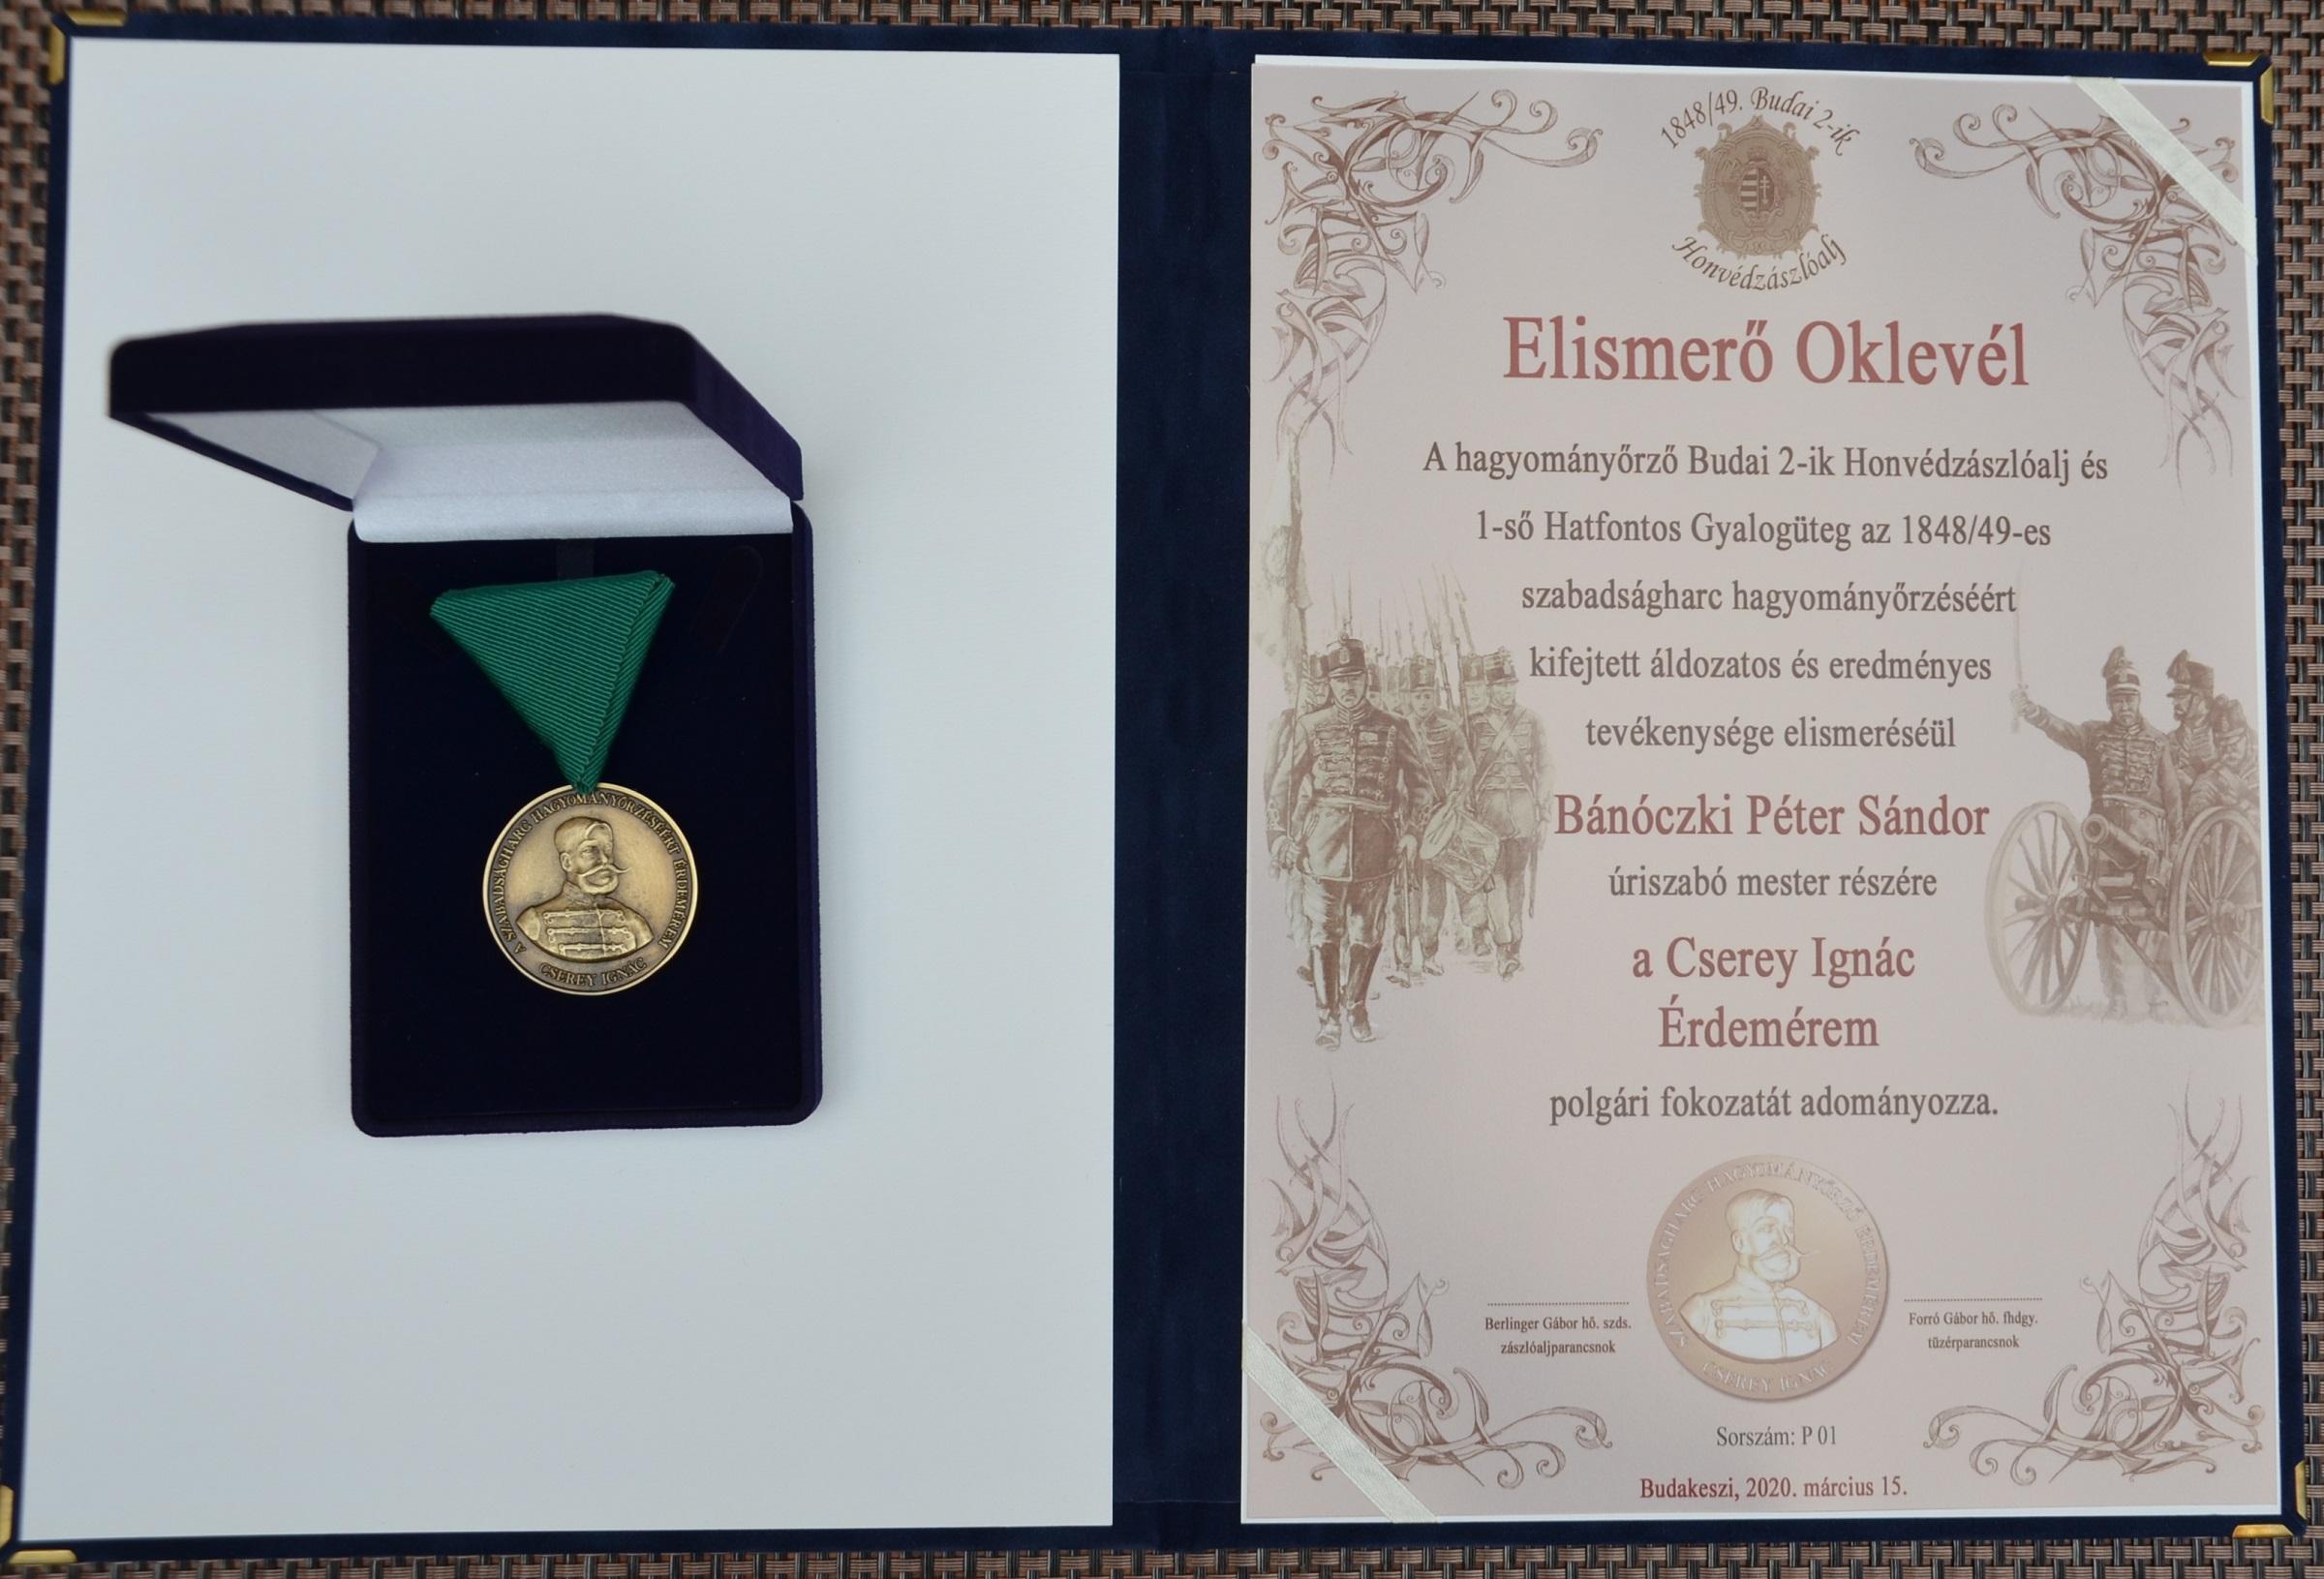 Bánóczki Péter érdemelte ki a Cserey Ignác érdemérem 1. sorszámú polgári fokozatát